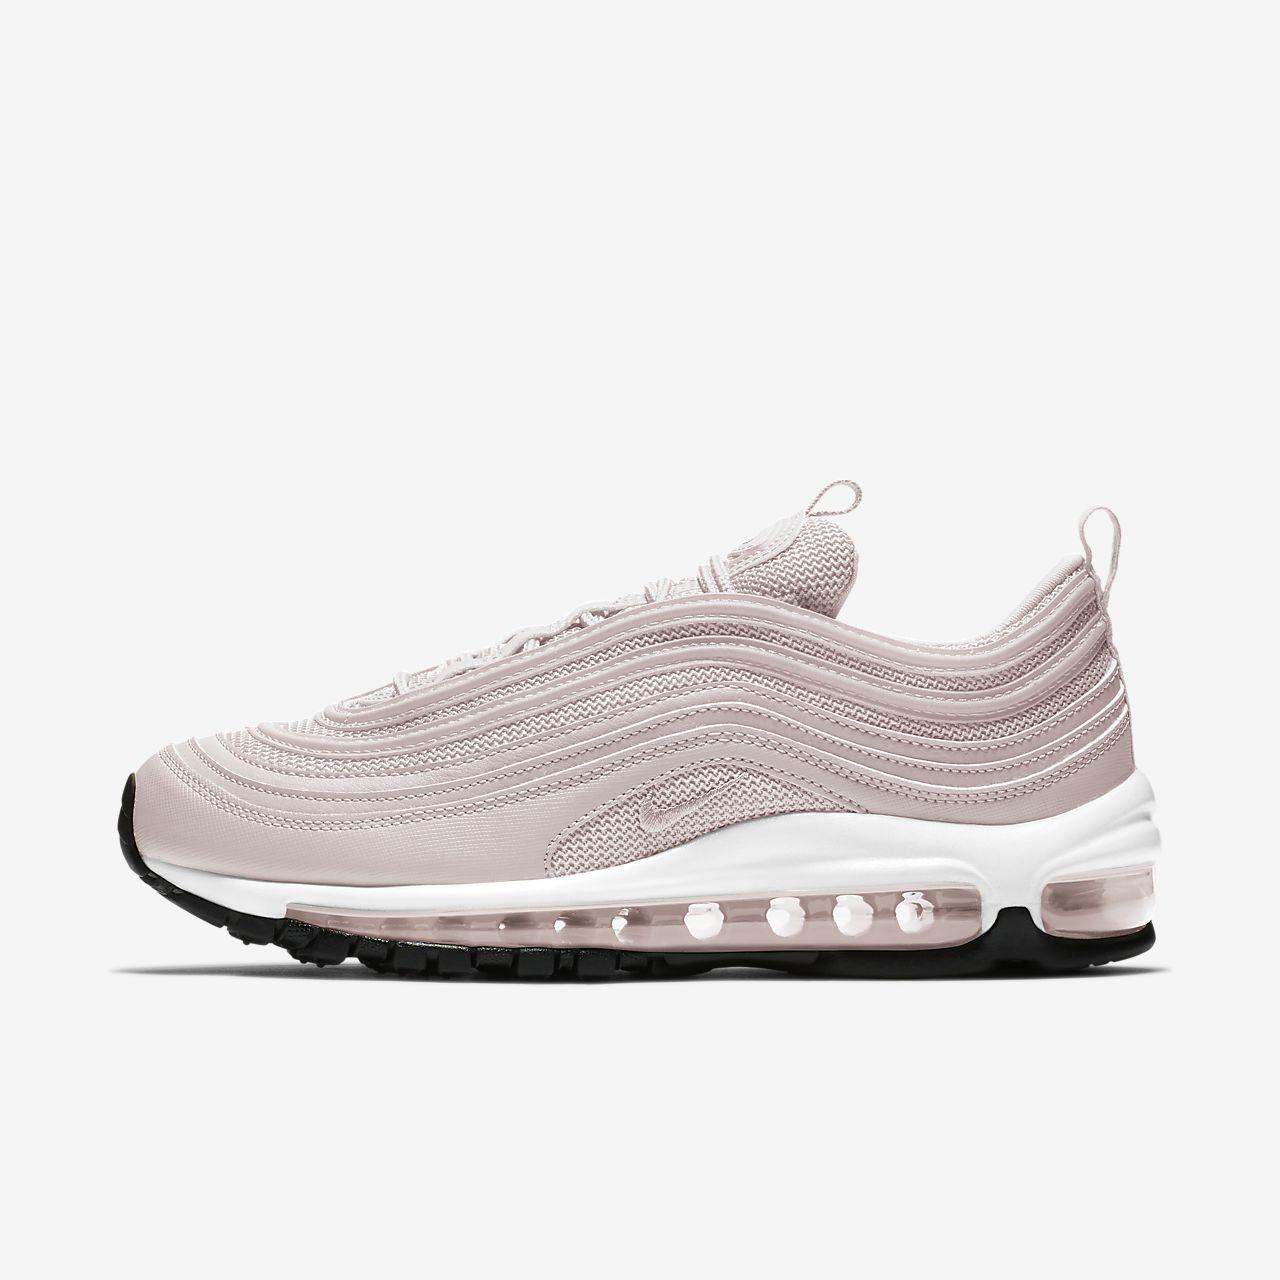 nike scarpe air max 97 donna